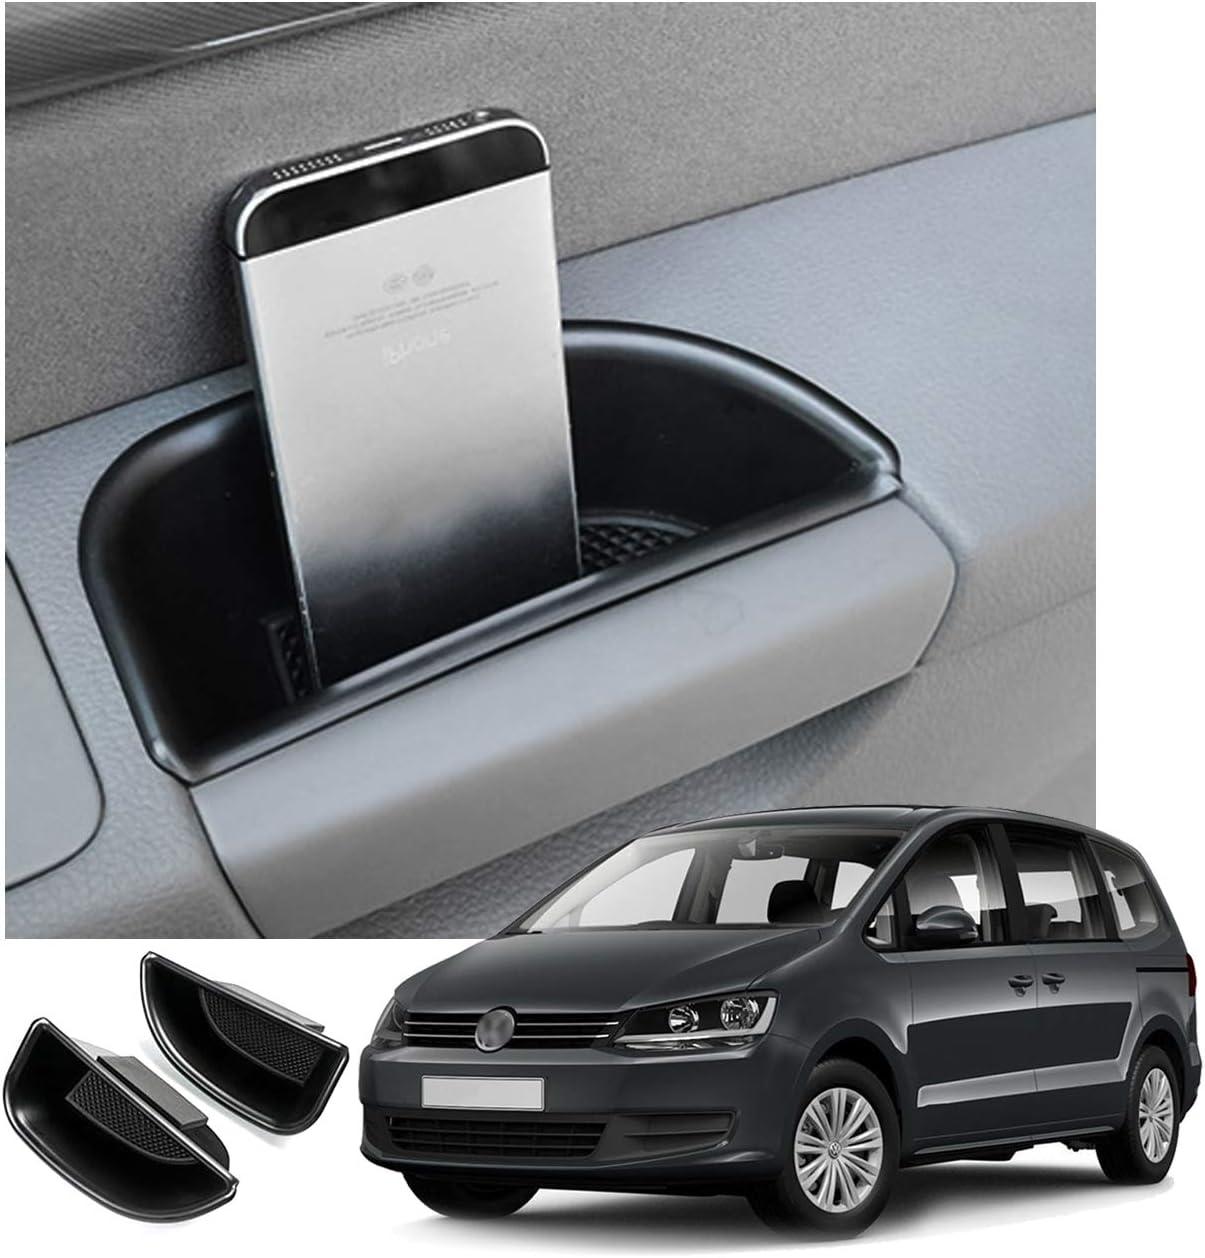 2 Stück Cdefg Für V W Sharan Seat Alhambra Auto Aufbewahrungsbox Autotür Innenrahmen Box Abdeckungen Innenraum Zubehör Storage Box Auto